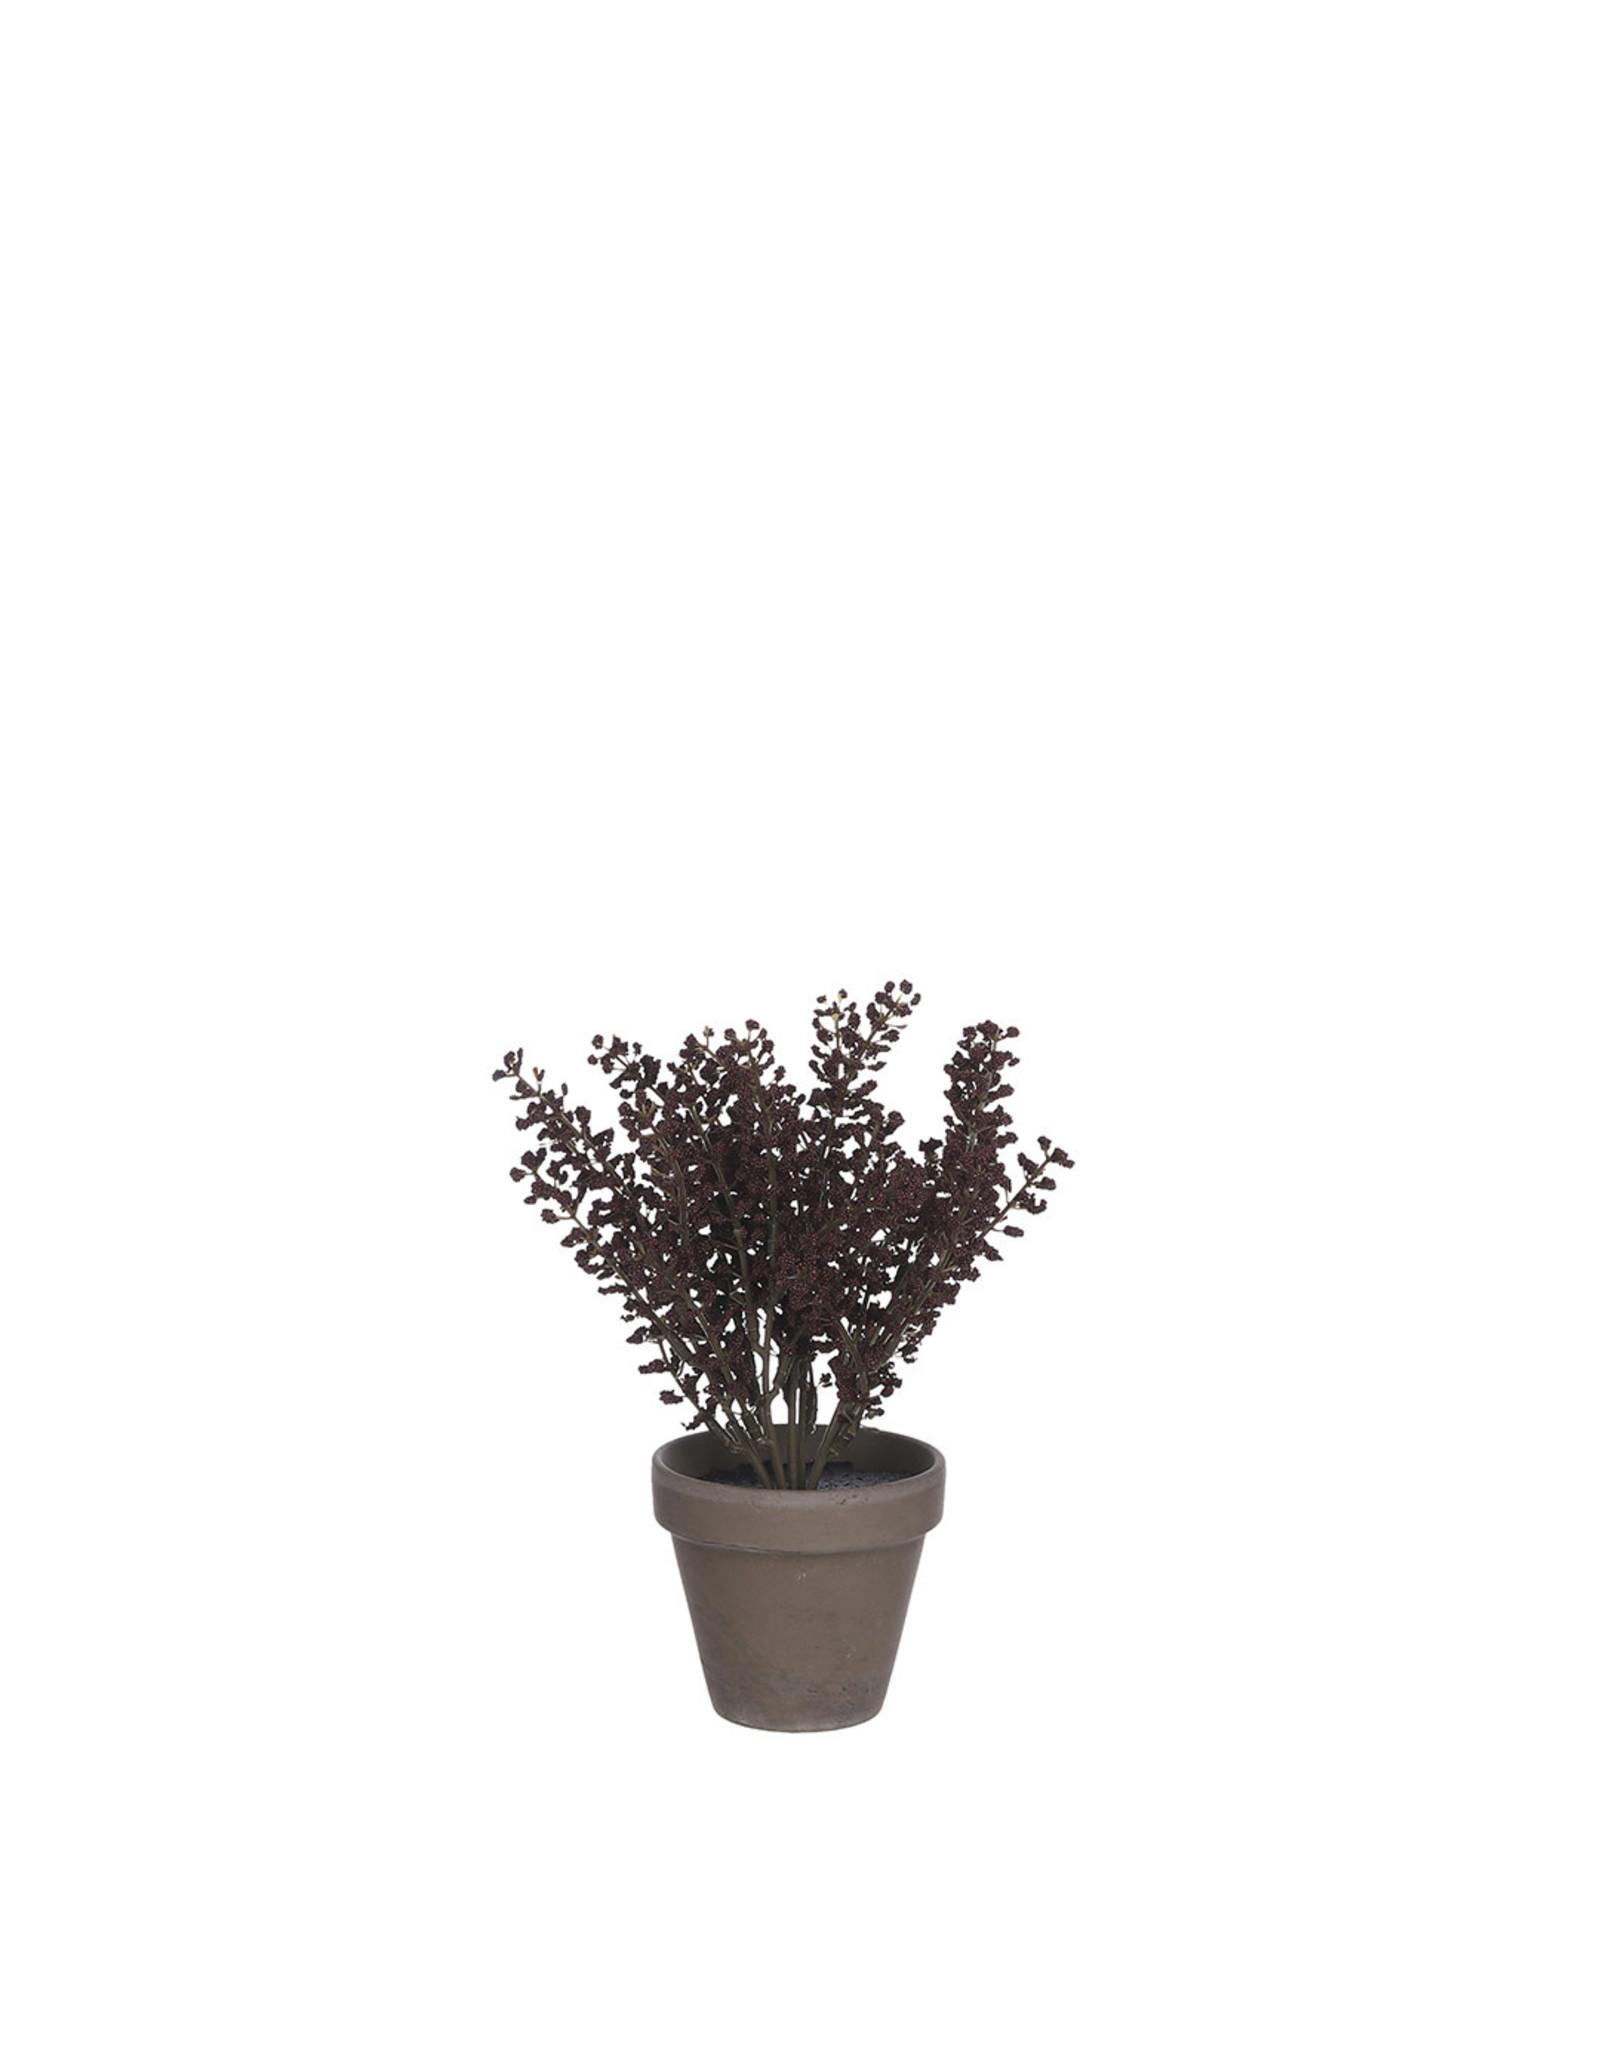 Astilbe In Grey Pot - h21xd16cm